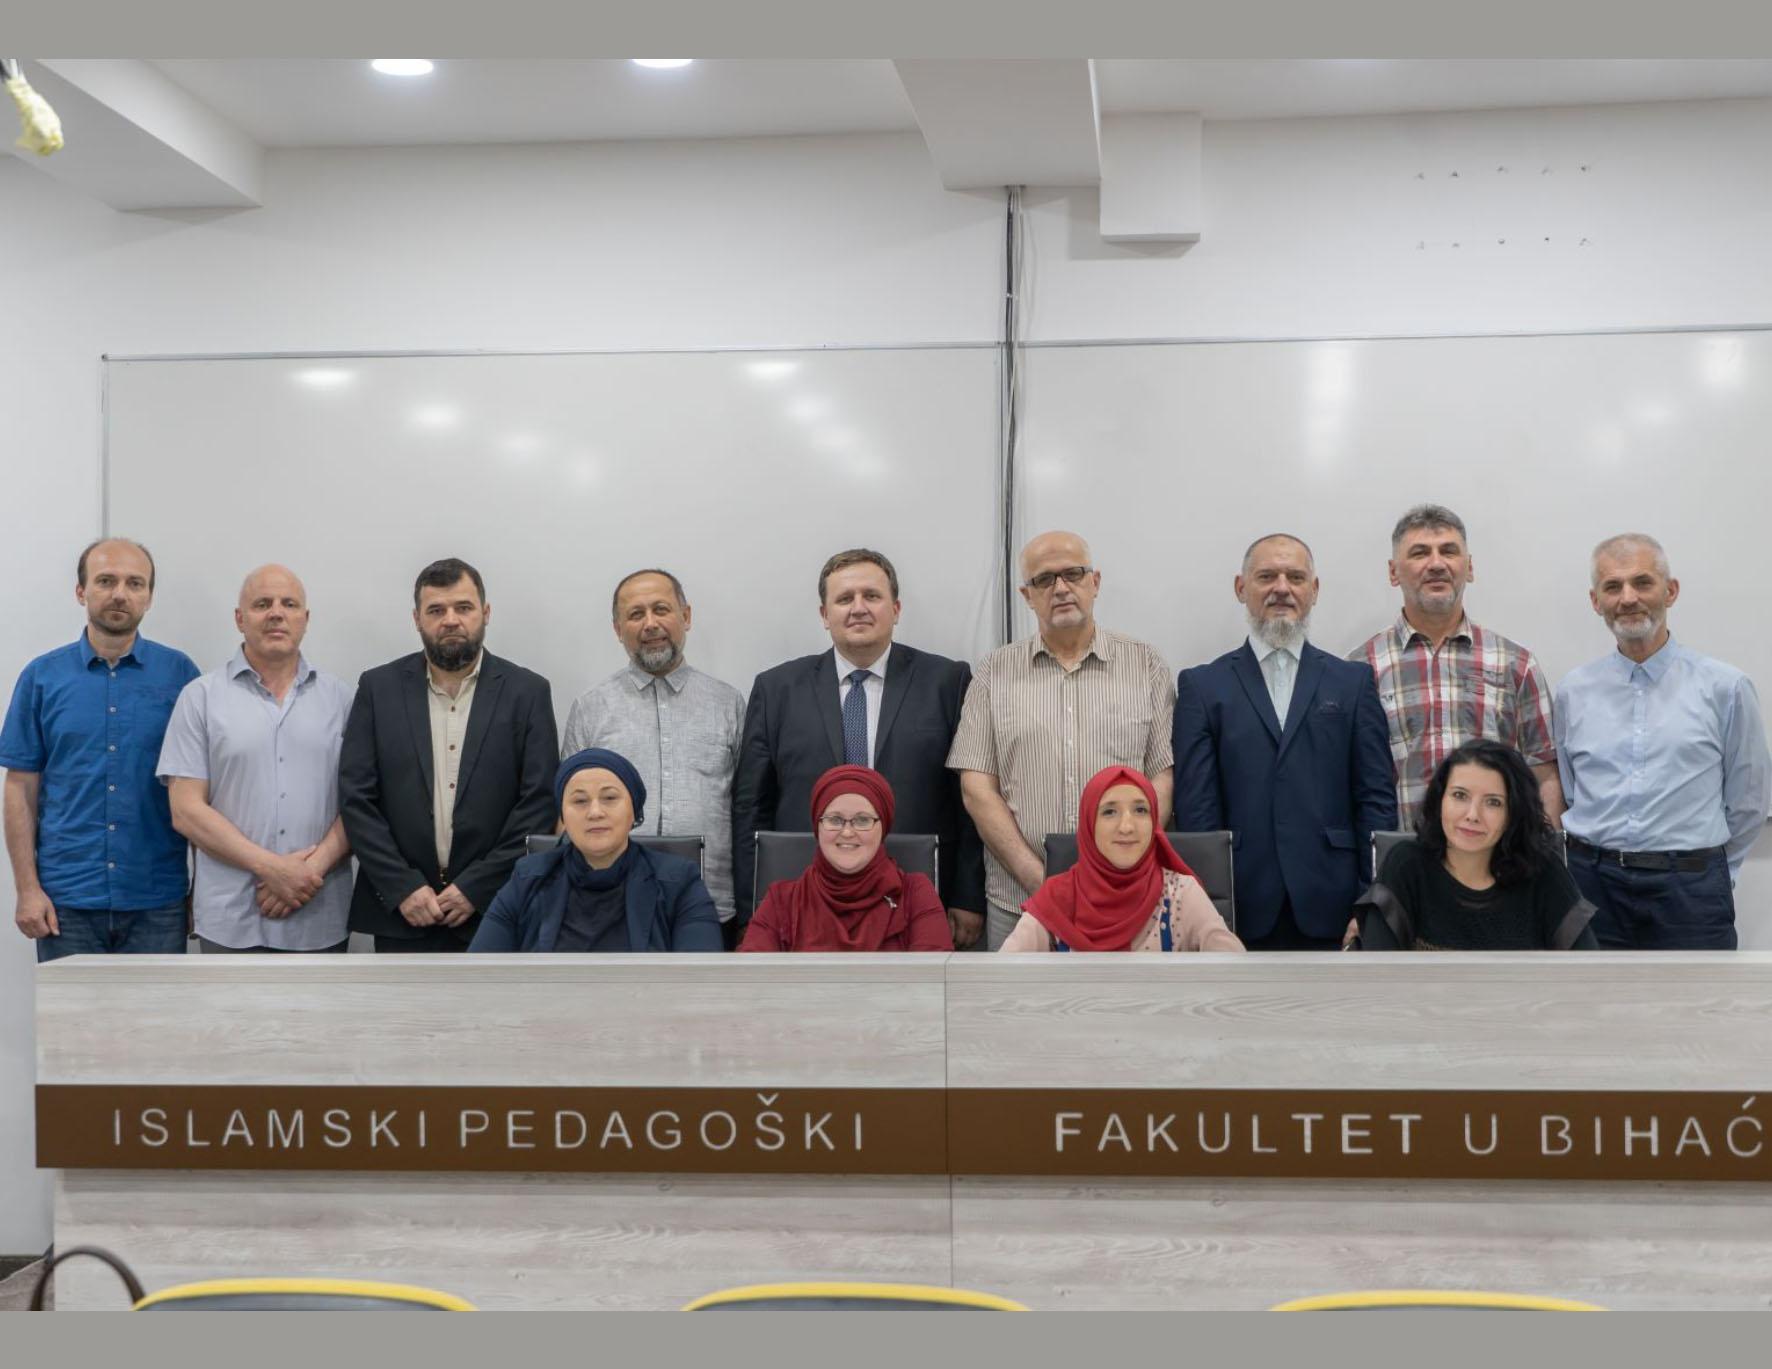 Islamski pedagoški fakultet Univerziteta u Bihaću nudi online podršku za građane USK